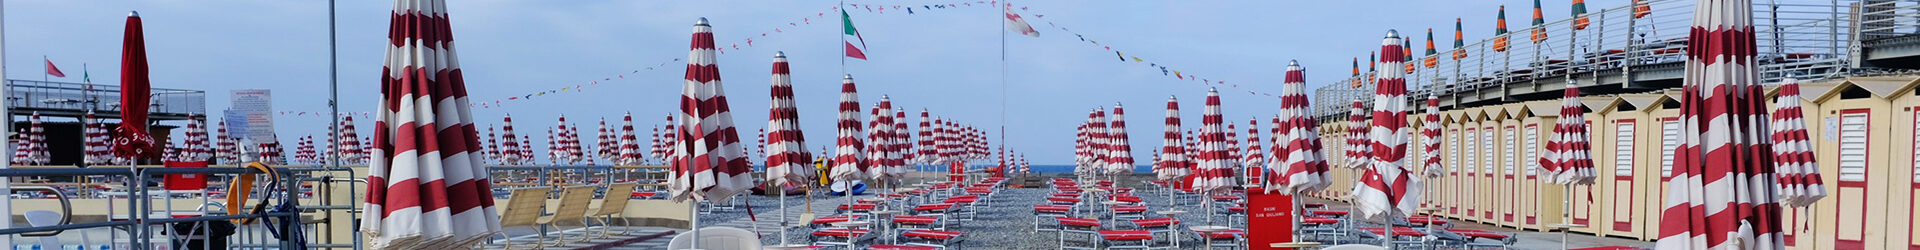 Bagni San Giuliano